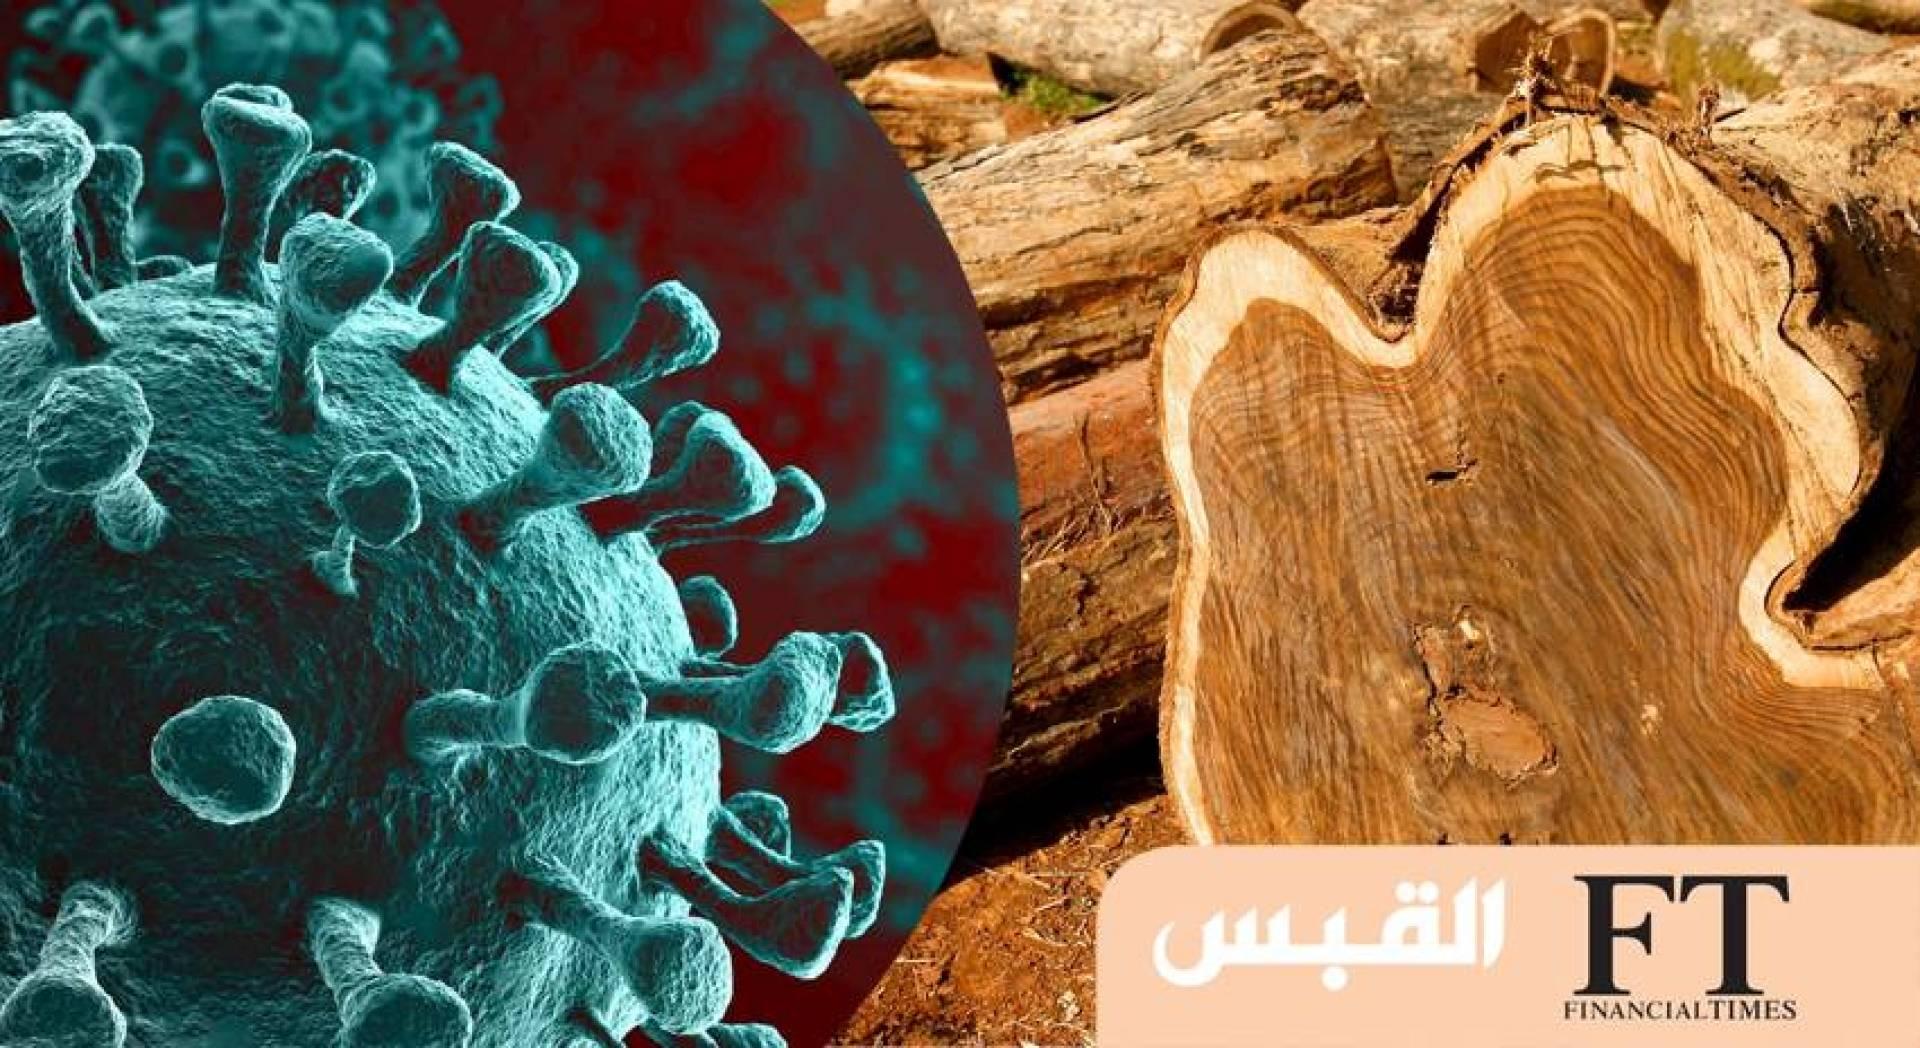 كيف يؤثر قطع الغابات في انتشار فيروسات قاتلة.. مثل «كورونا»؟